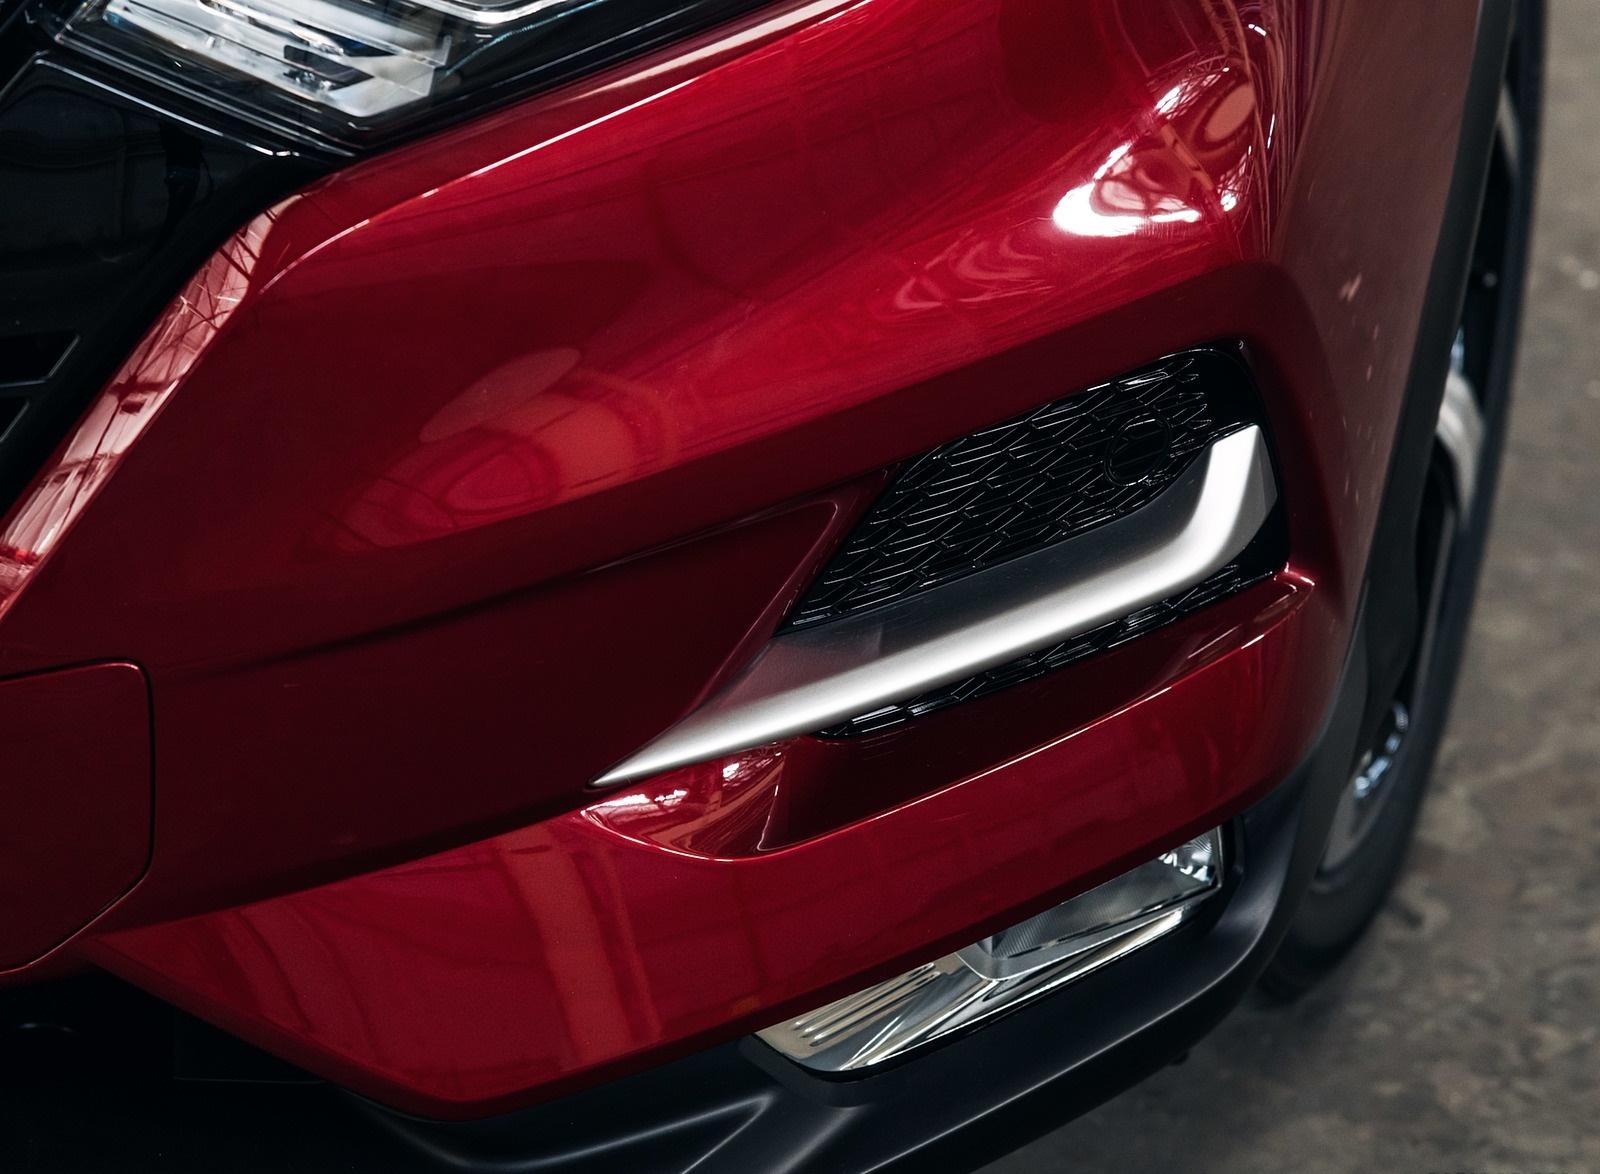 2020 Nissan Rogue Sport Detail Wallpapers (9)